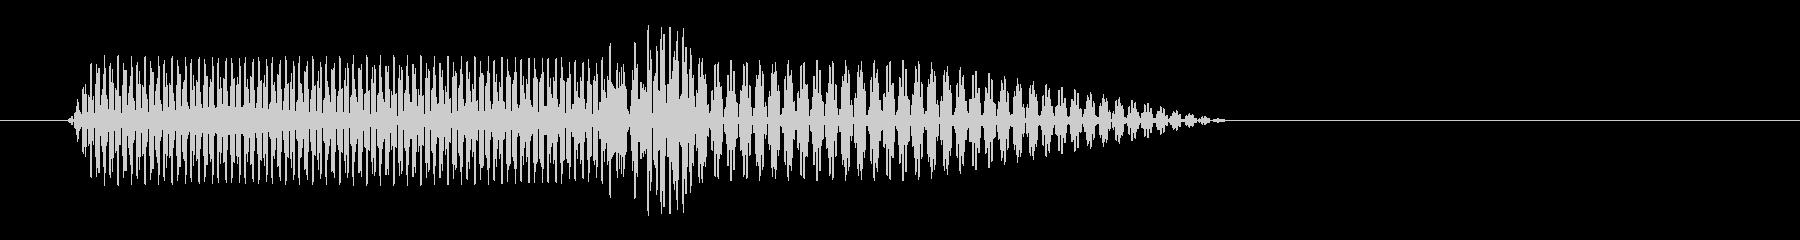 ピリョ↓(電子的な音色)の未再生の波形